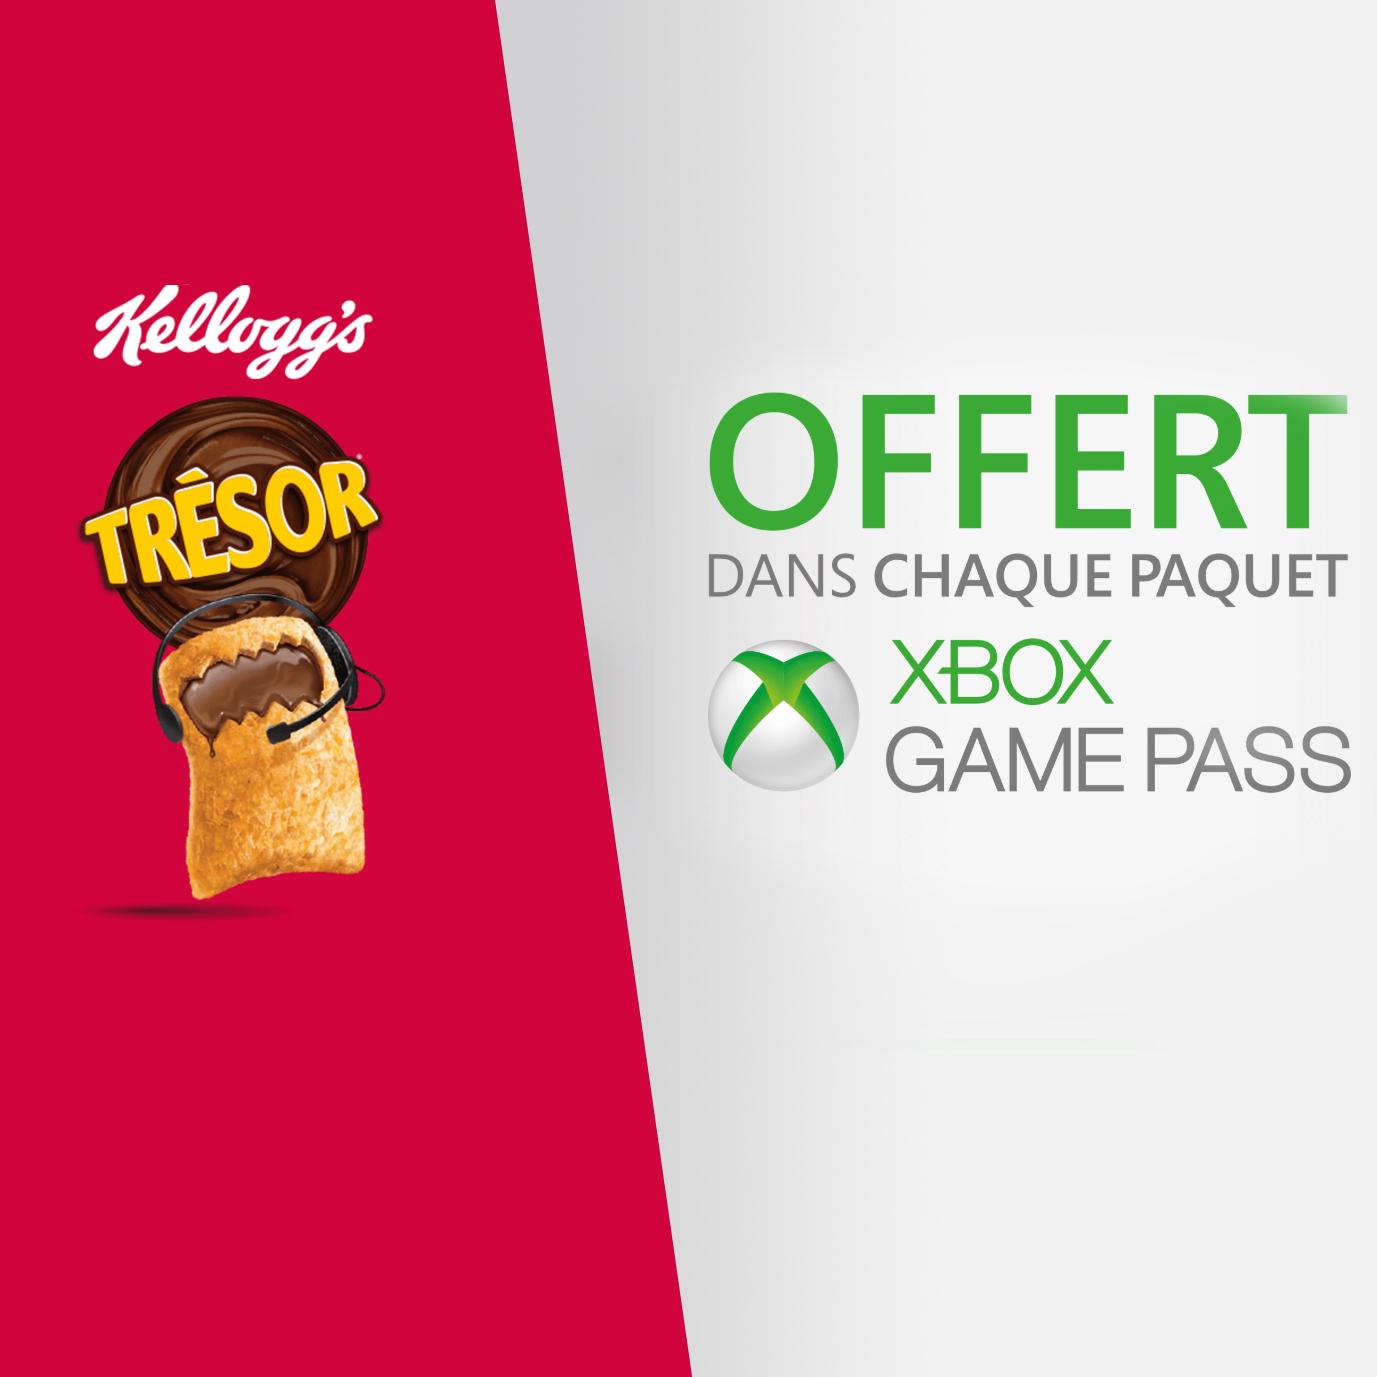 1 paquet de Trésor Kellogg's acheté = 7 jours d'Xbox Game Pass offerts